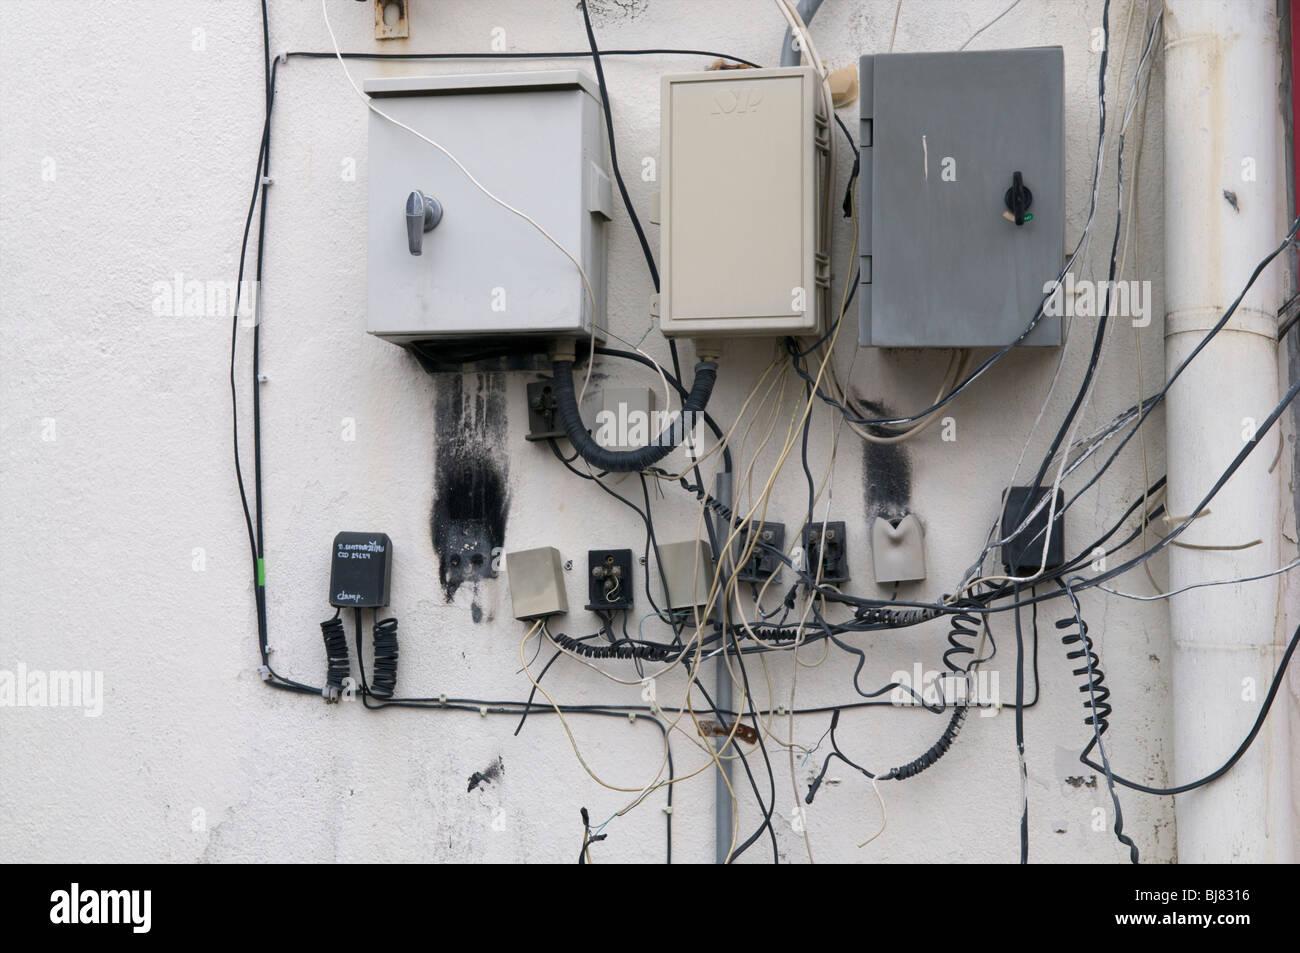 Ausgezeichnet Elektrische Verdrahtungshinweise Ideen - Der ...